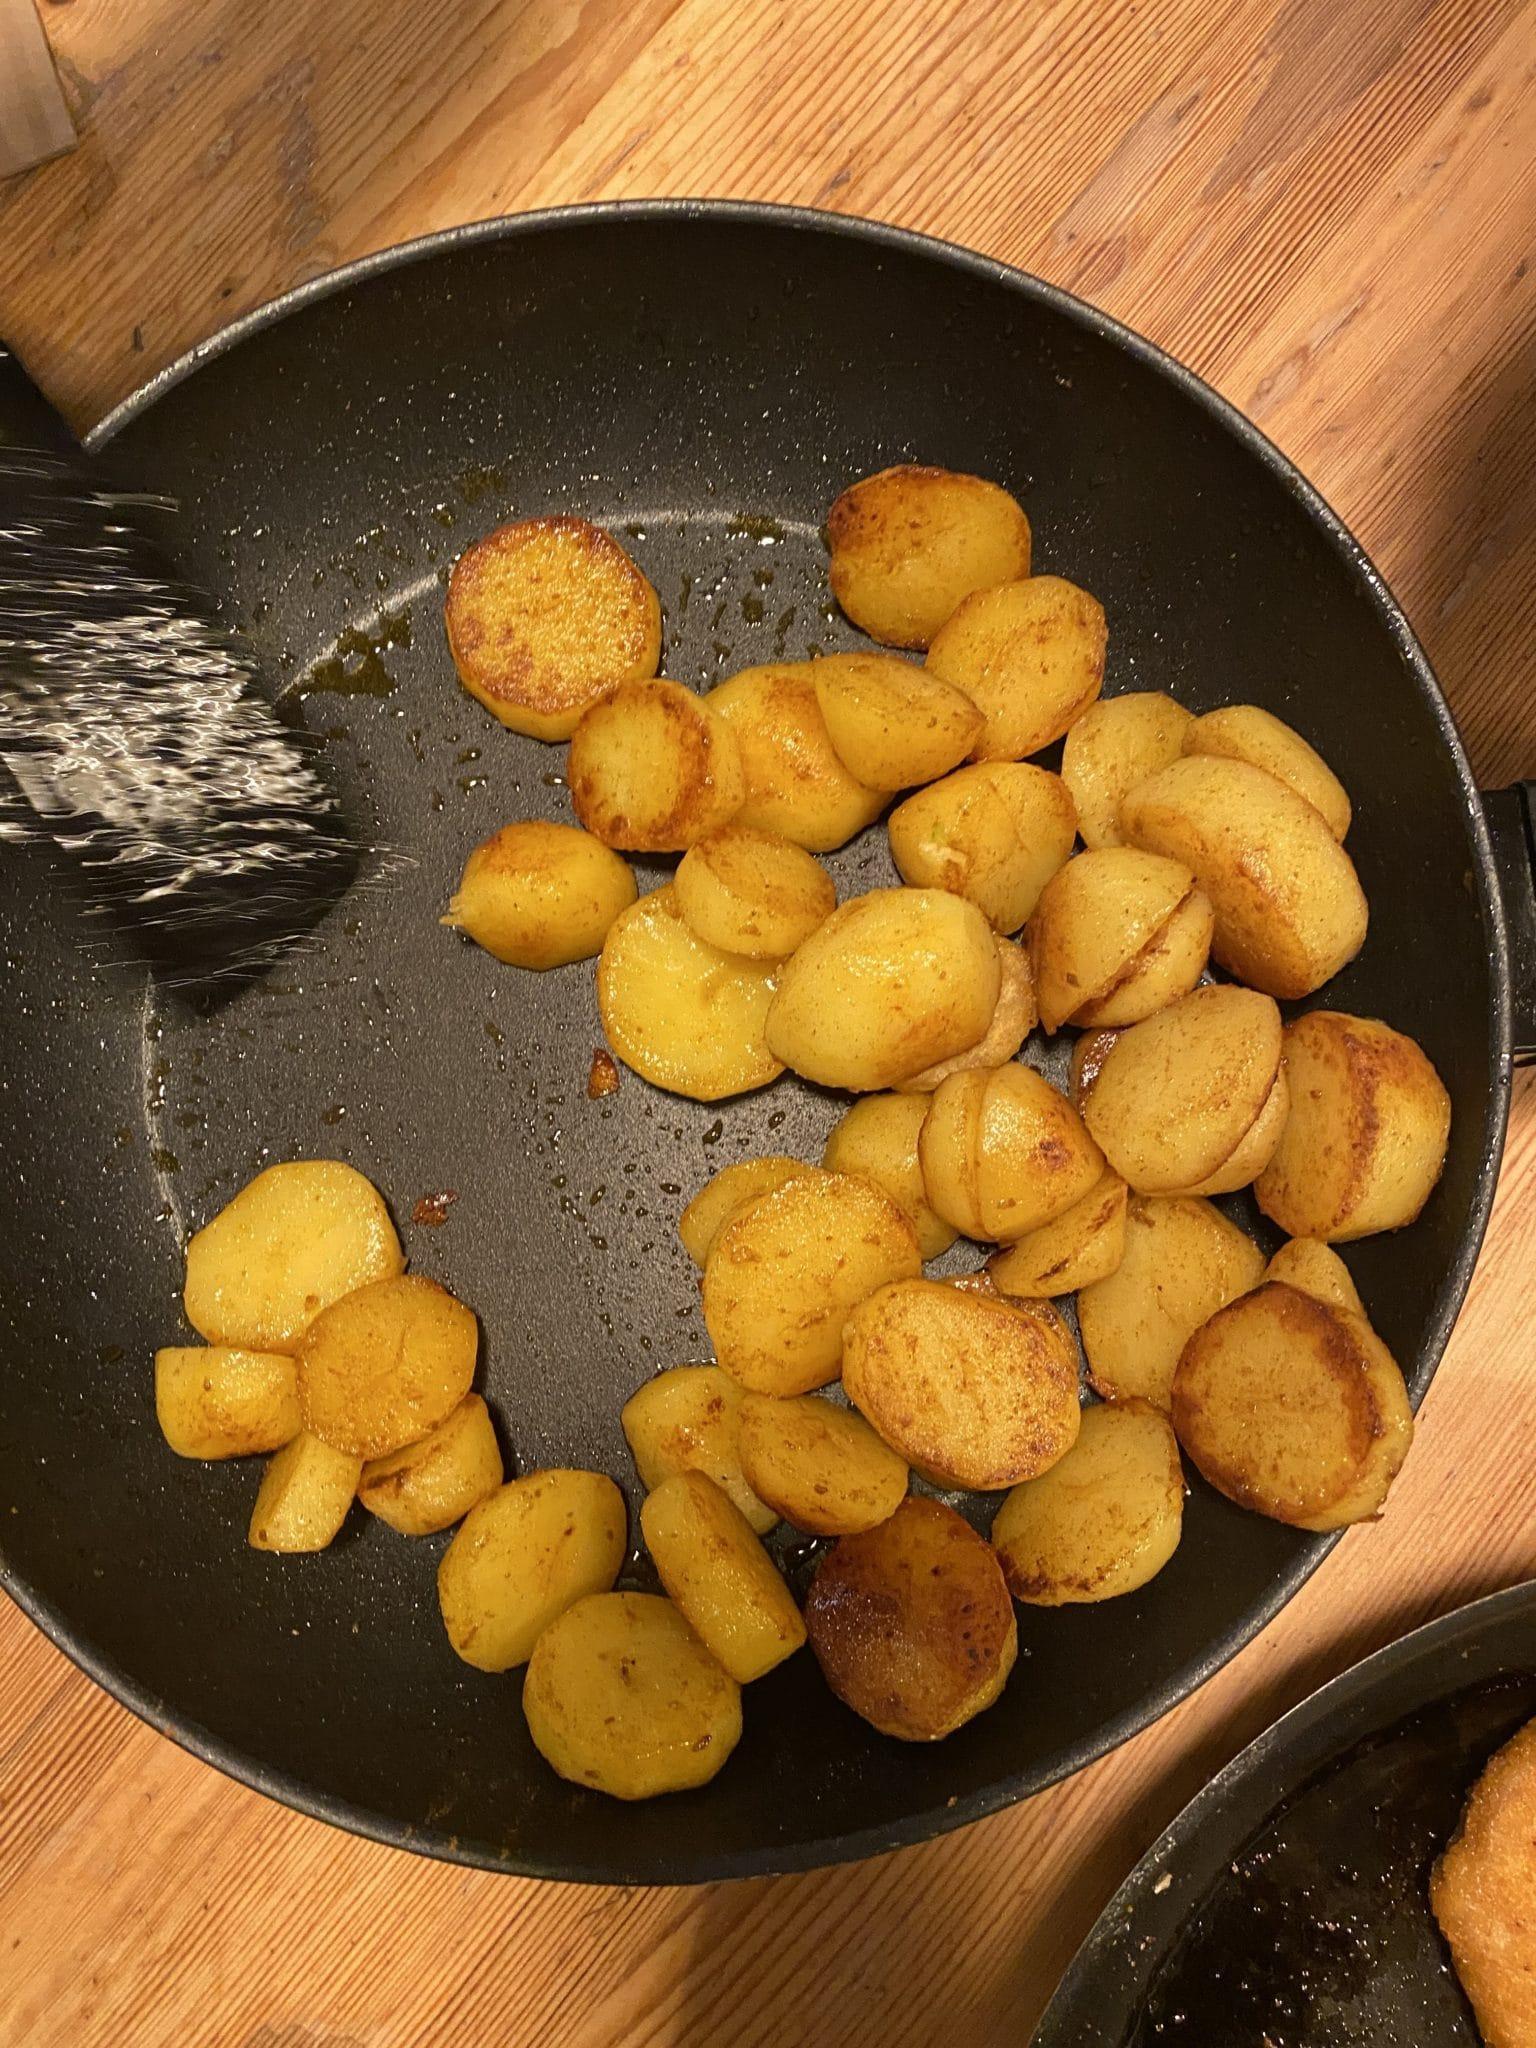 Der Tag ist lang und es gibt zum Abendbrot Bratkartoffeln.